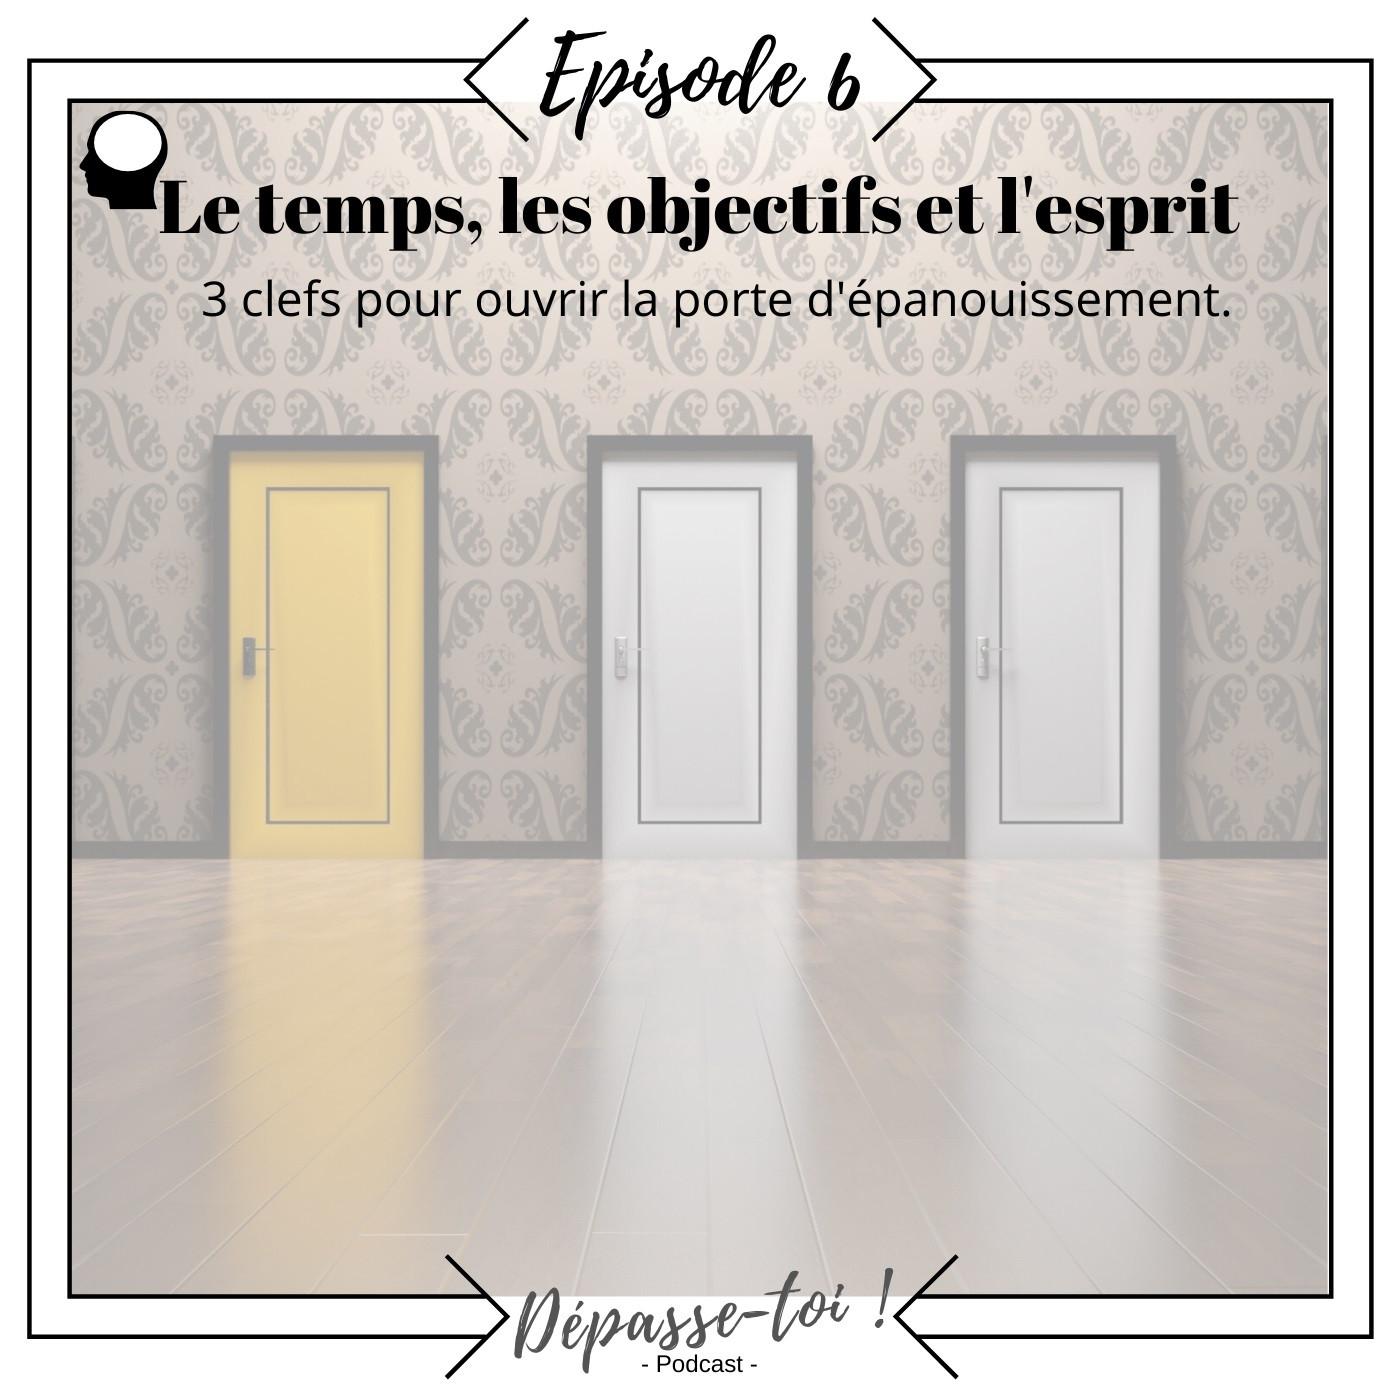 #6 - Le temps, les objectifs et l'esprit, 3 clefs pour ouvrir la porte d'épanouissement.